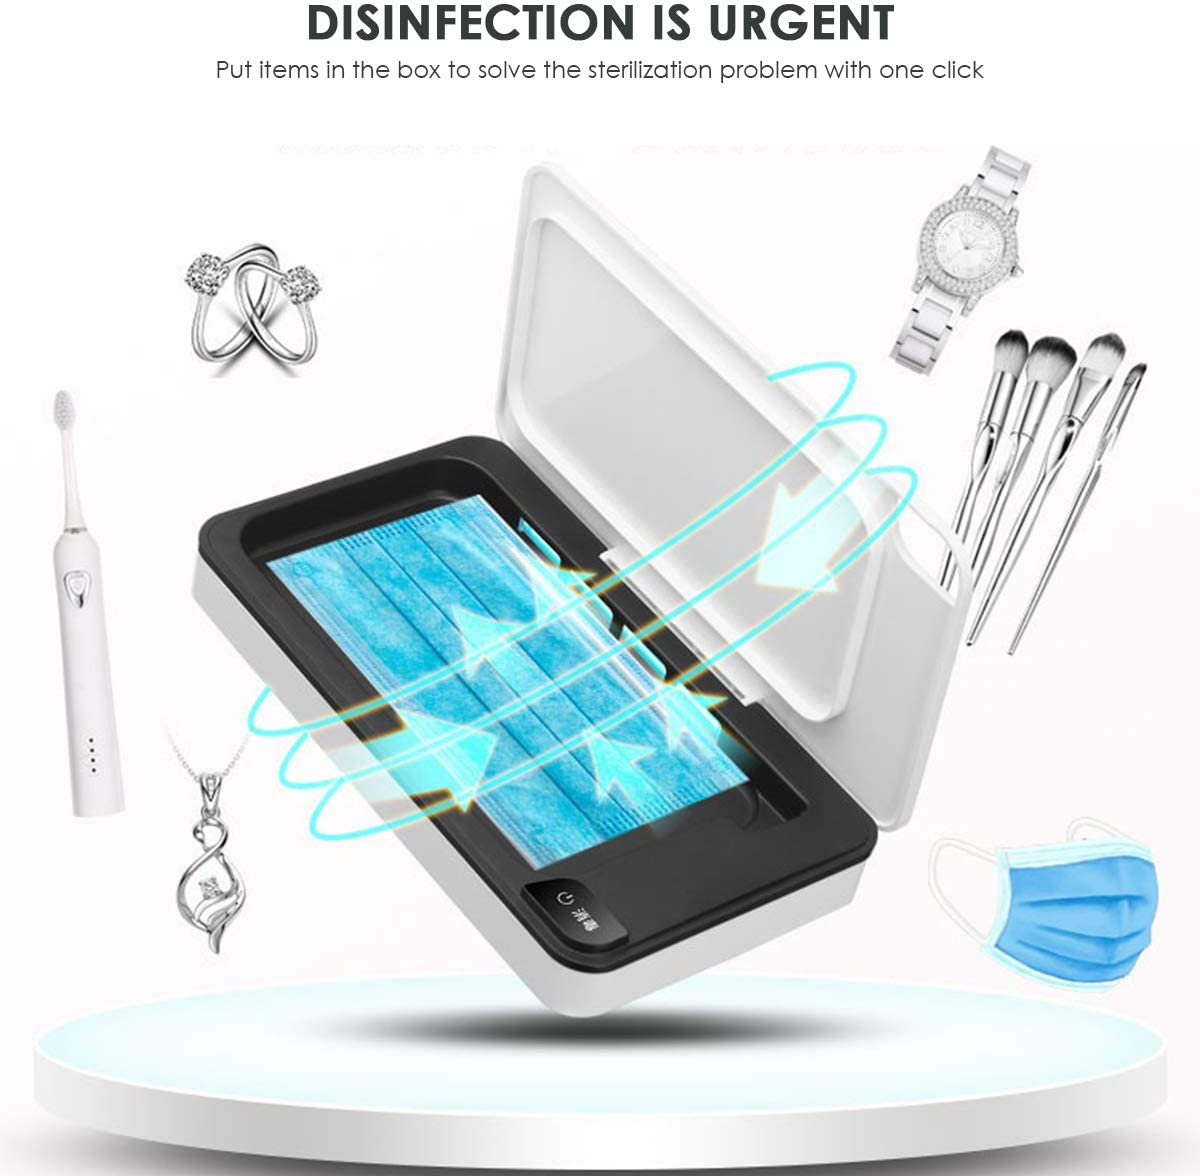 DERCLIVE Sterilizzatore Uv Usb Scatola per Disinfezione Cellulare a Luce Ultravioletta con Funzione Aromaterapia Bianco